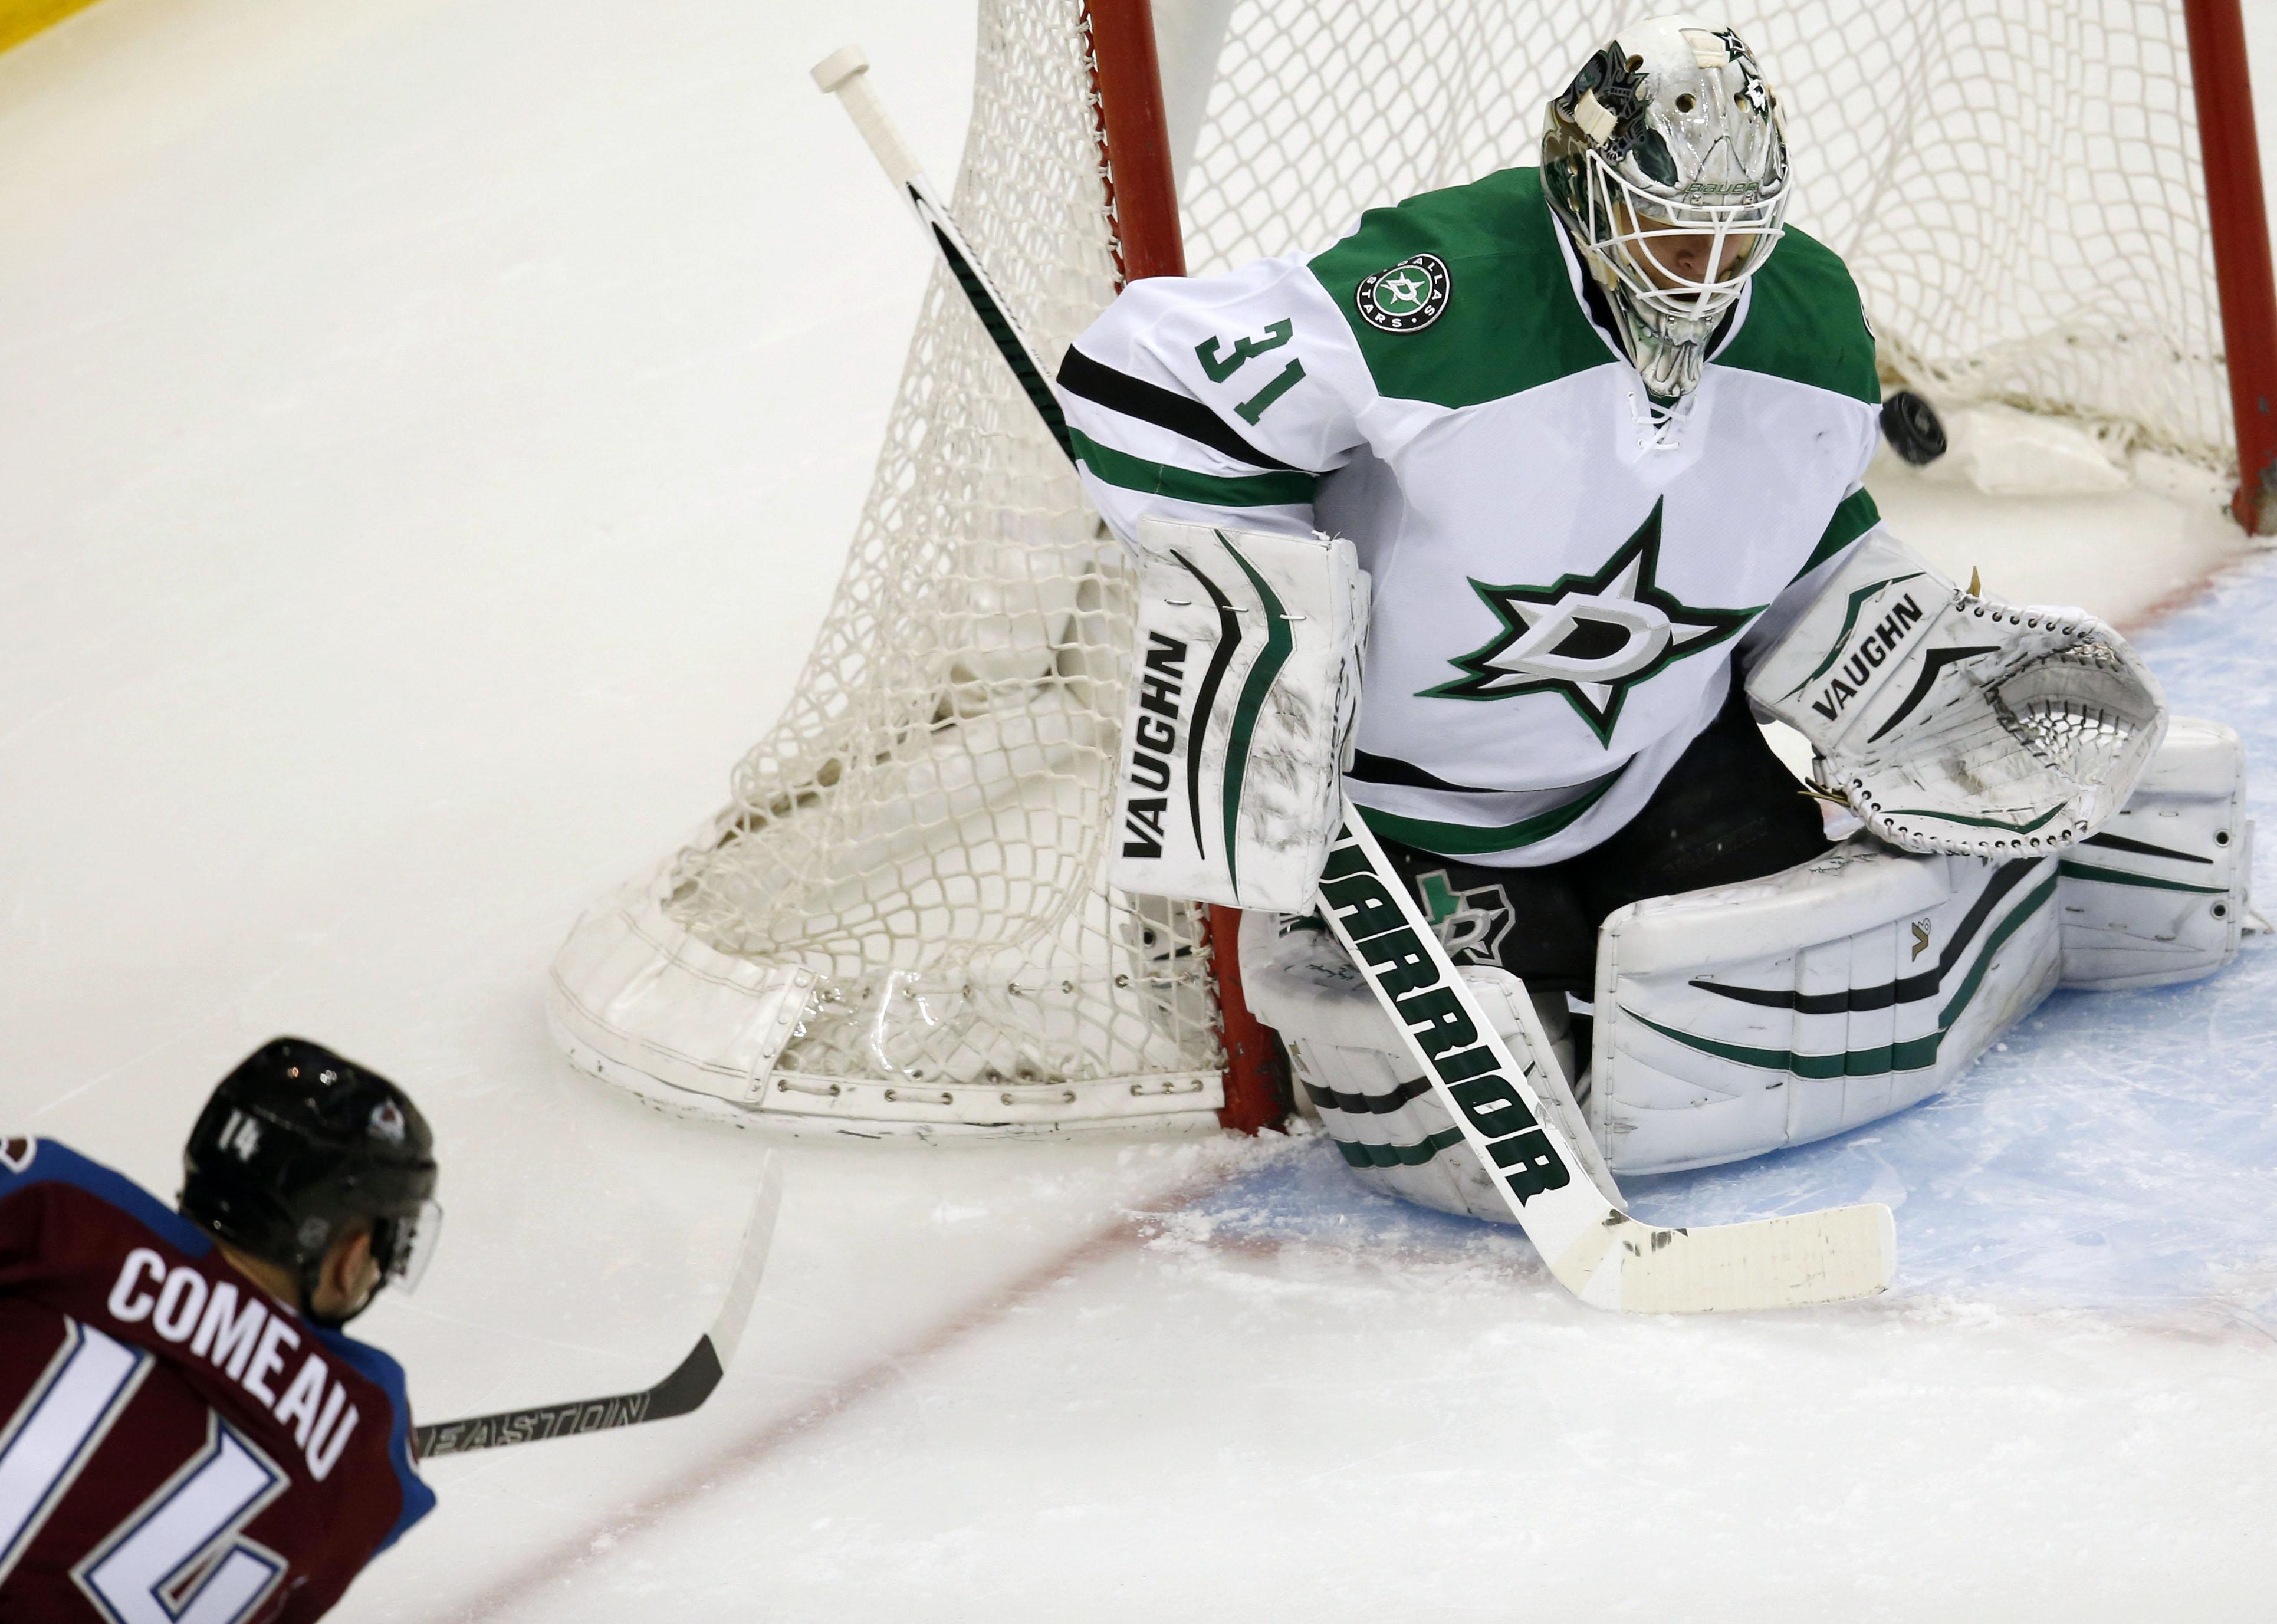 Stars_avalanche_hockey